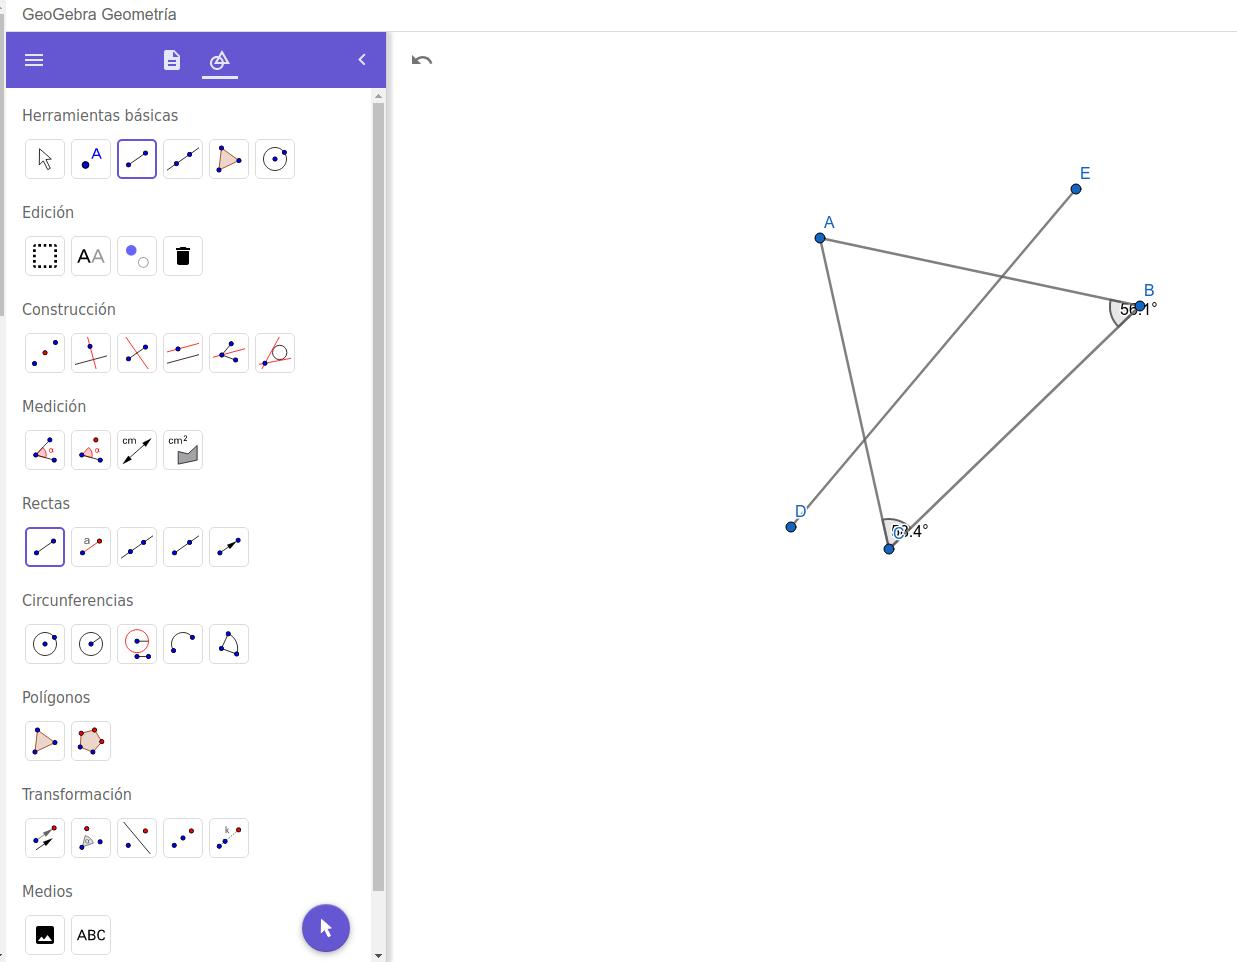 GeoGebra: suite de herramientas para matemática